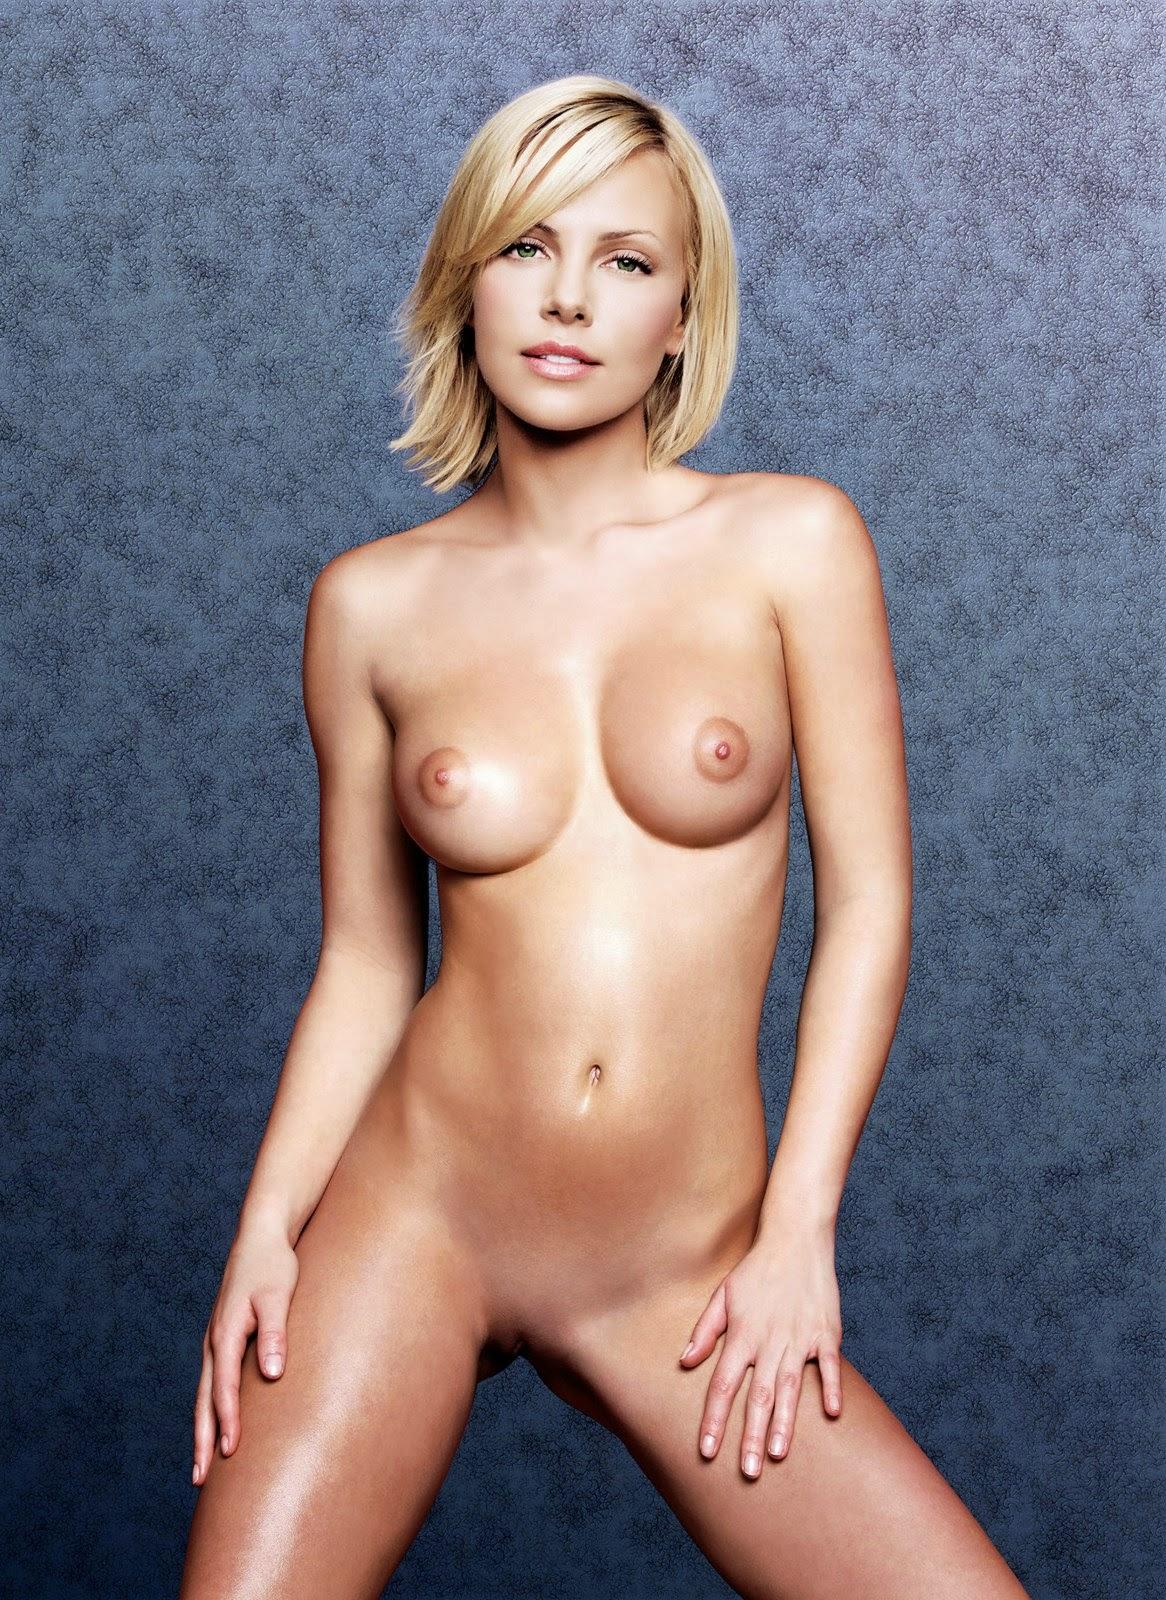 Nackt bilder theron charlize kostenlose